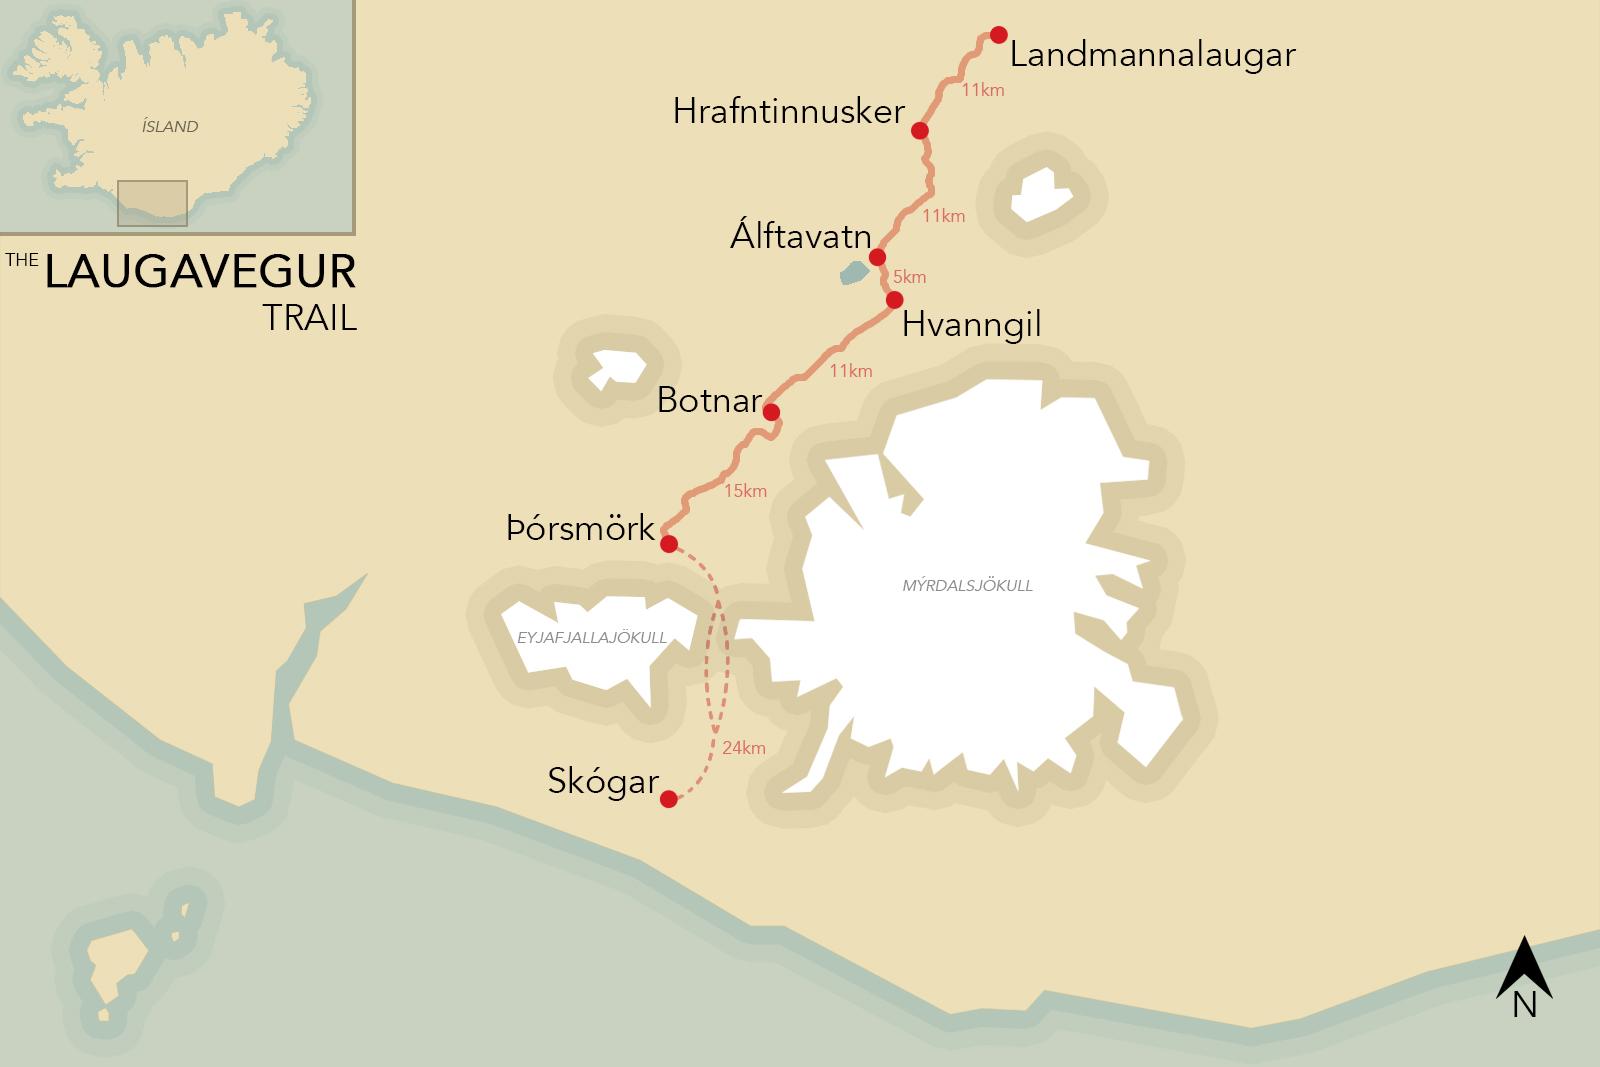 laugavegur-trail-map